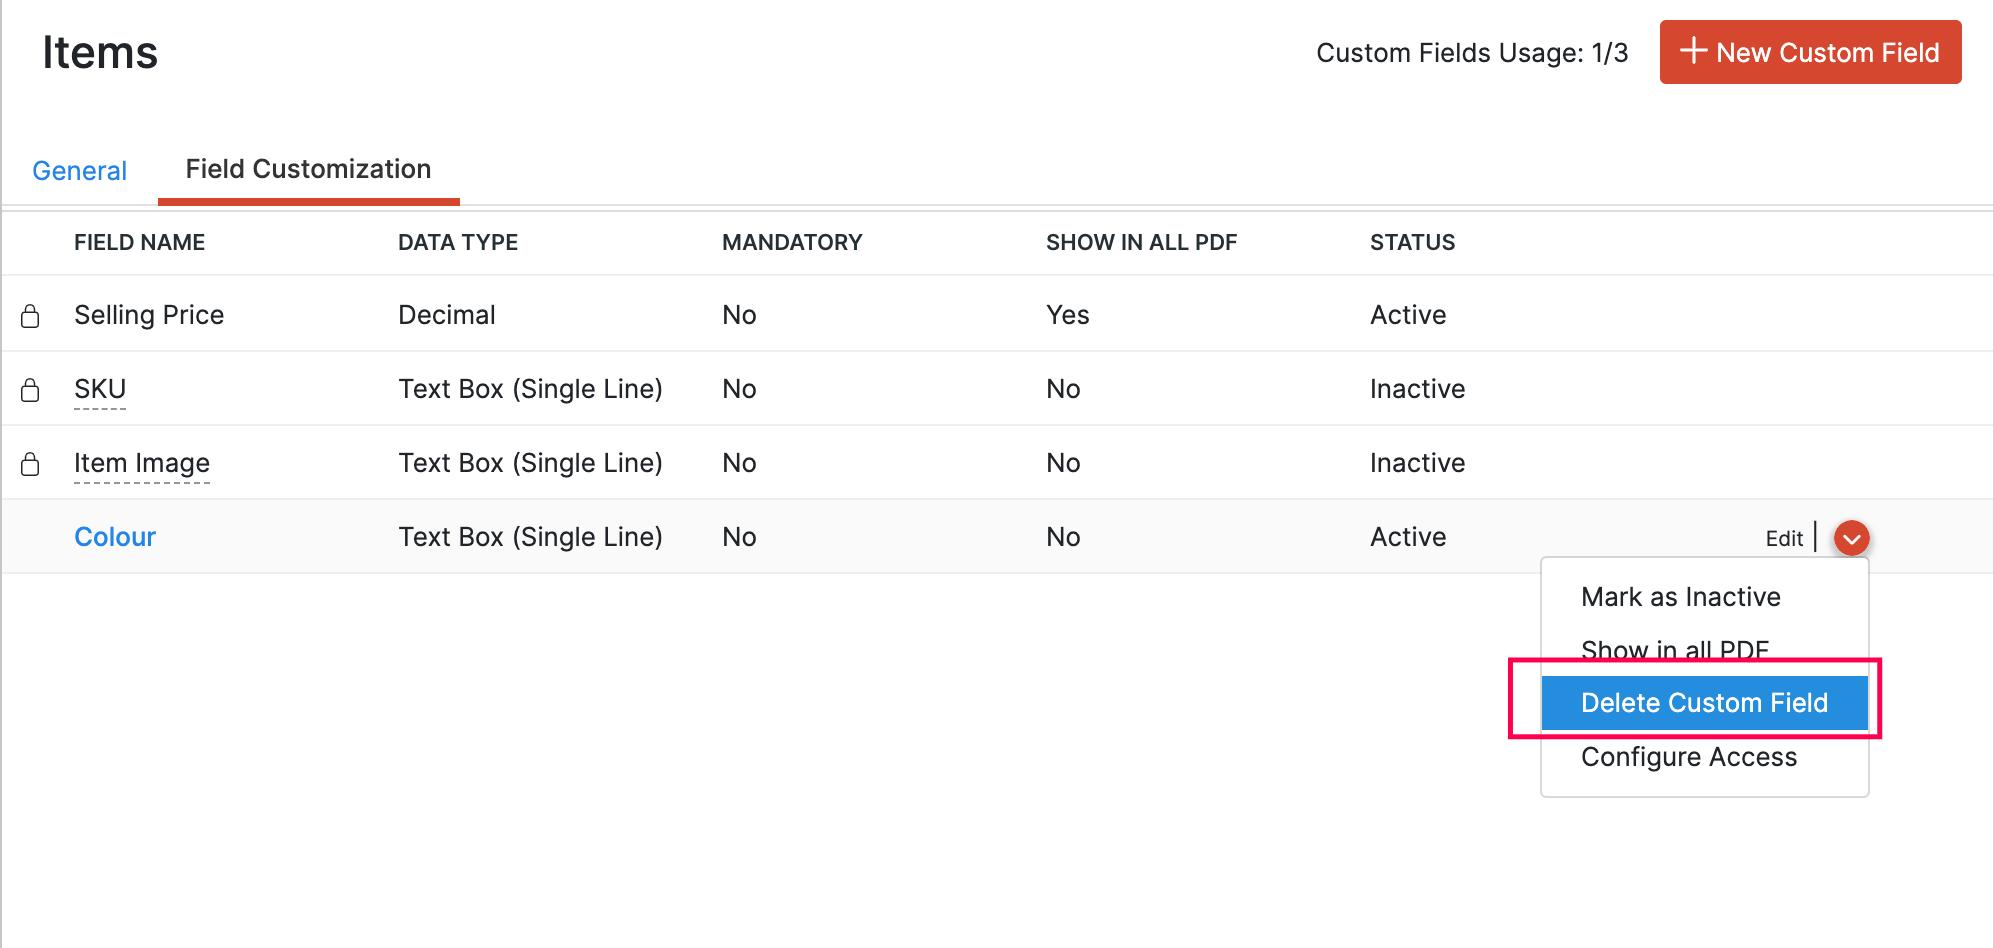 Delete Custom Field